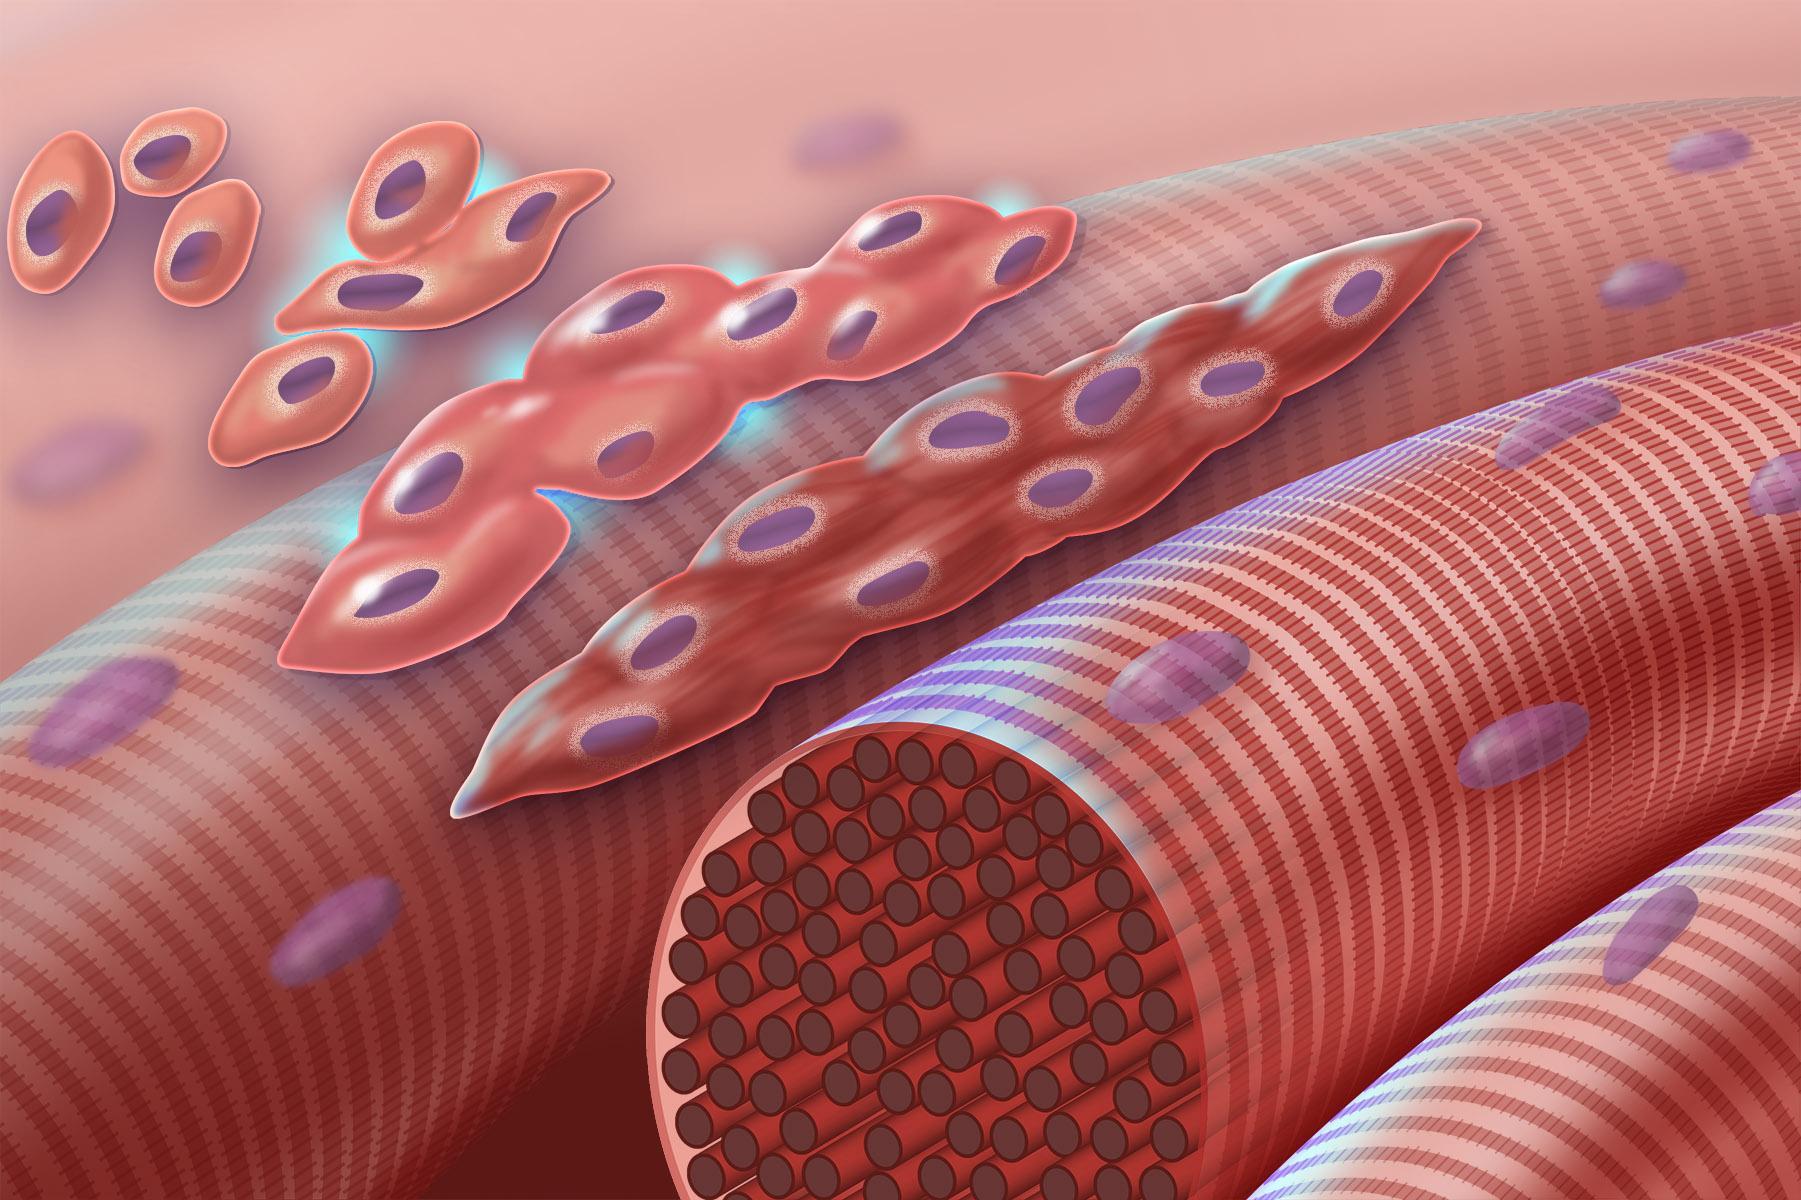 Мышечное заболевание лечат генной терапией